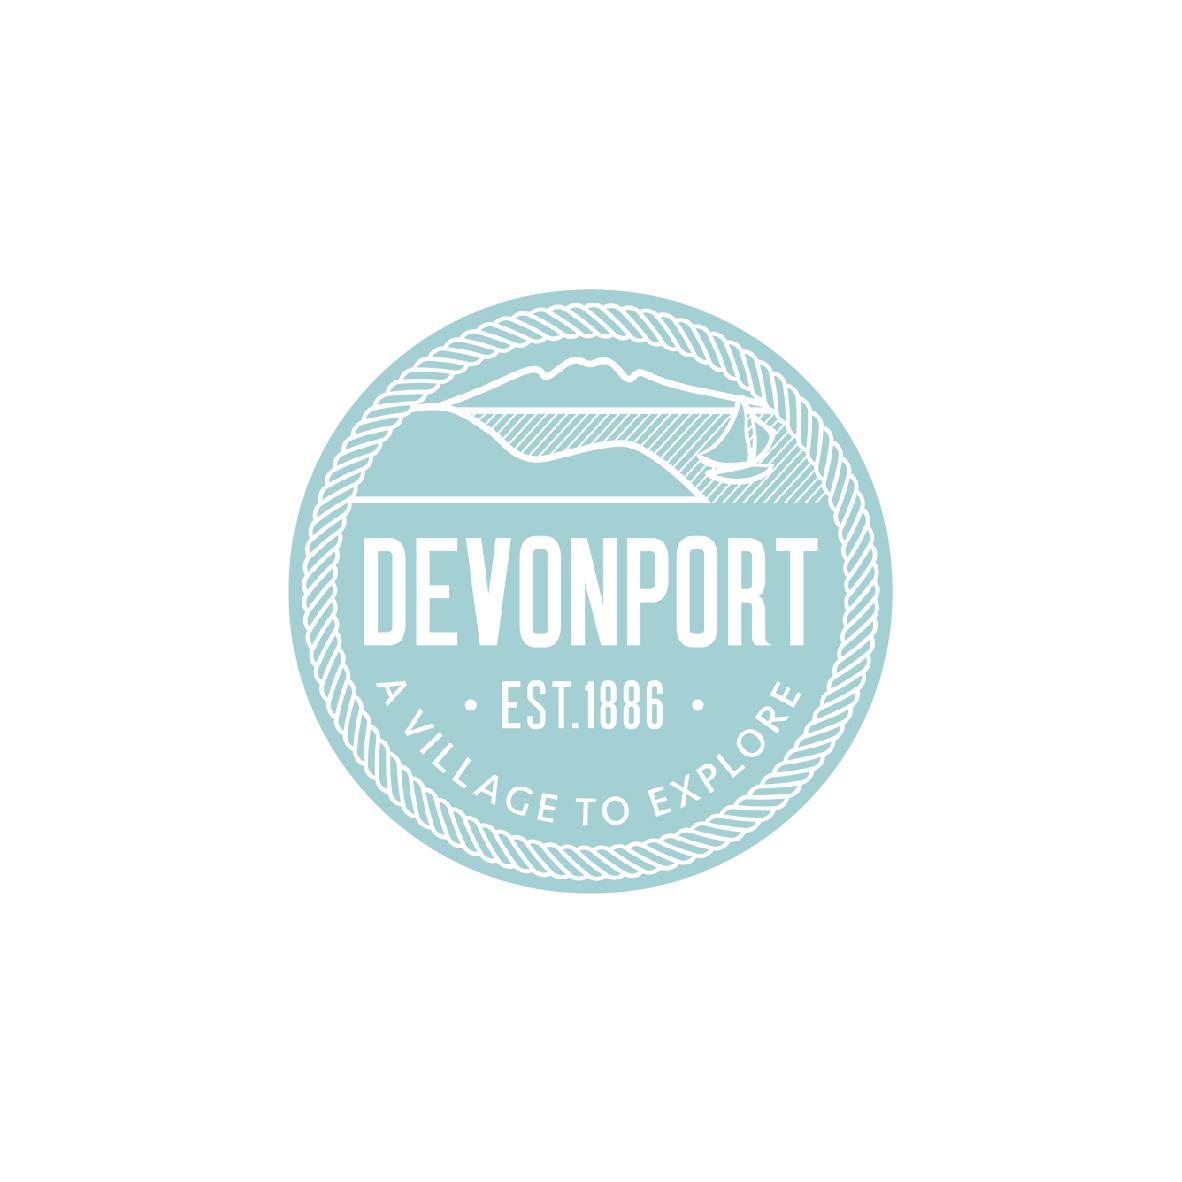 Devonport-logo-White-800-01.jpg